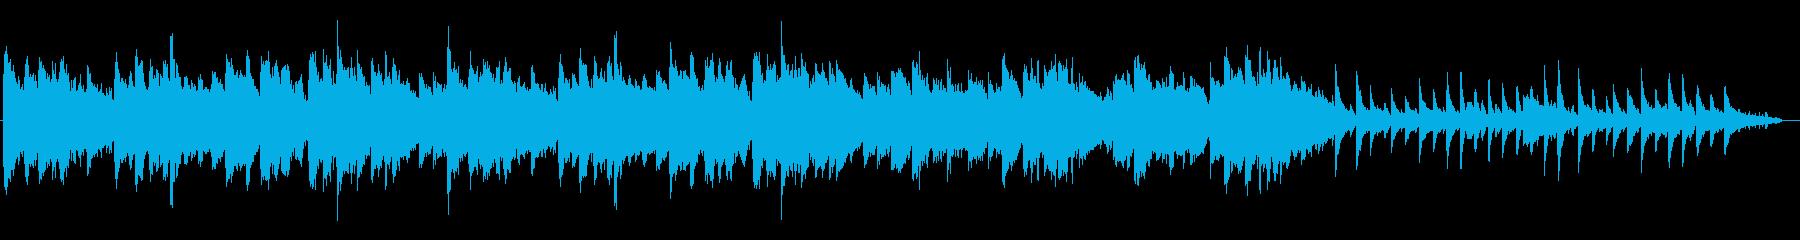 爽やかで癒されるクリアなピアノ伴奏の曲の再生済みの波形